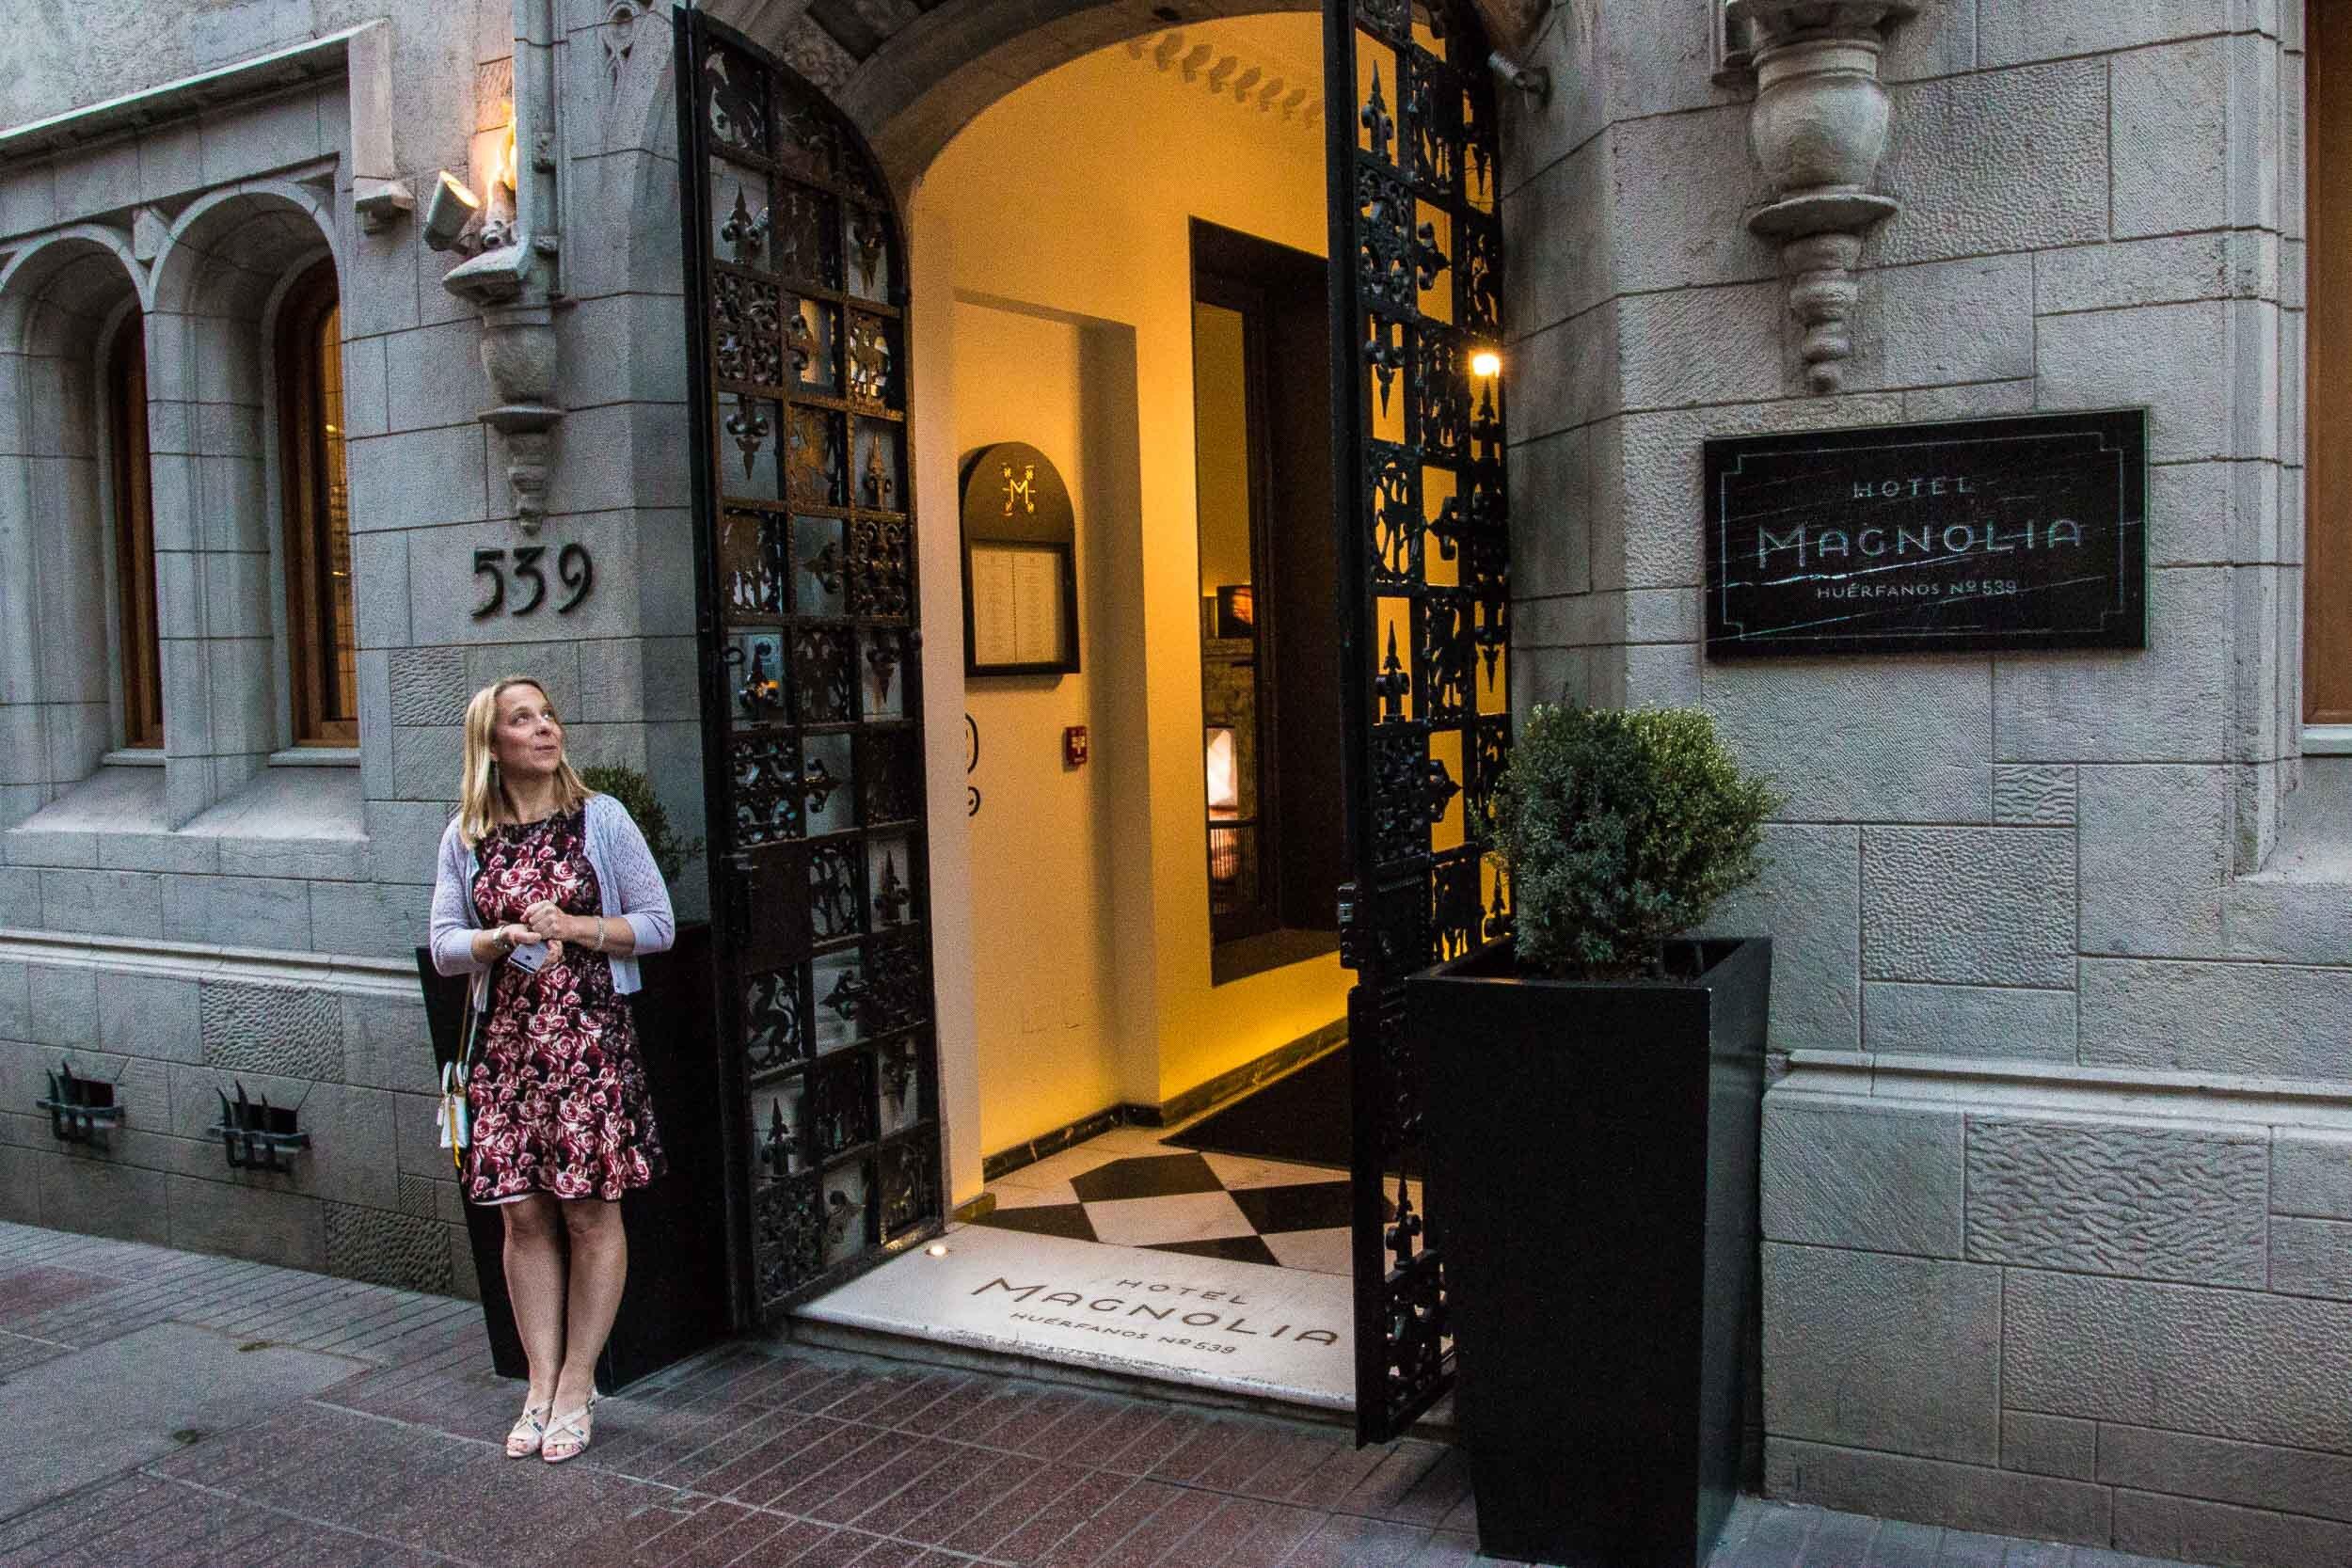 Entrance, Hotel Magnolia, Santiago, Chile